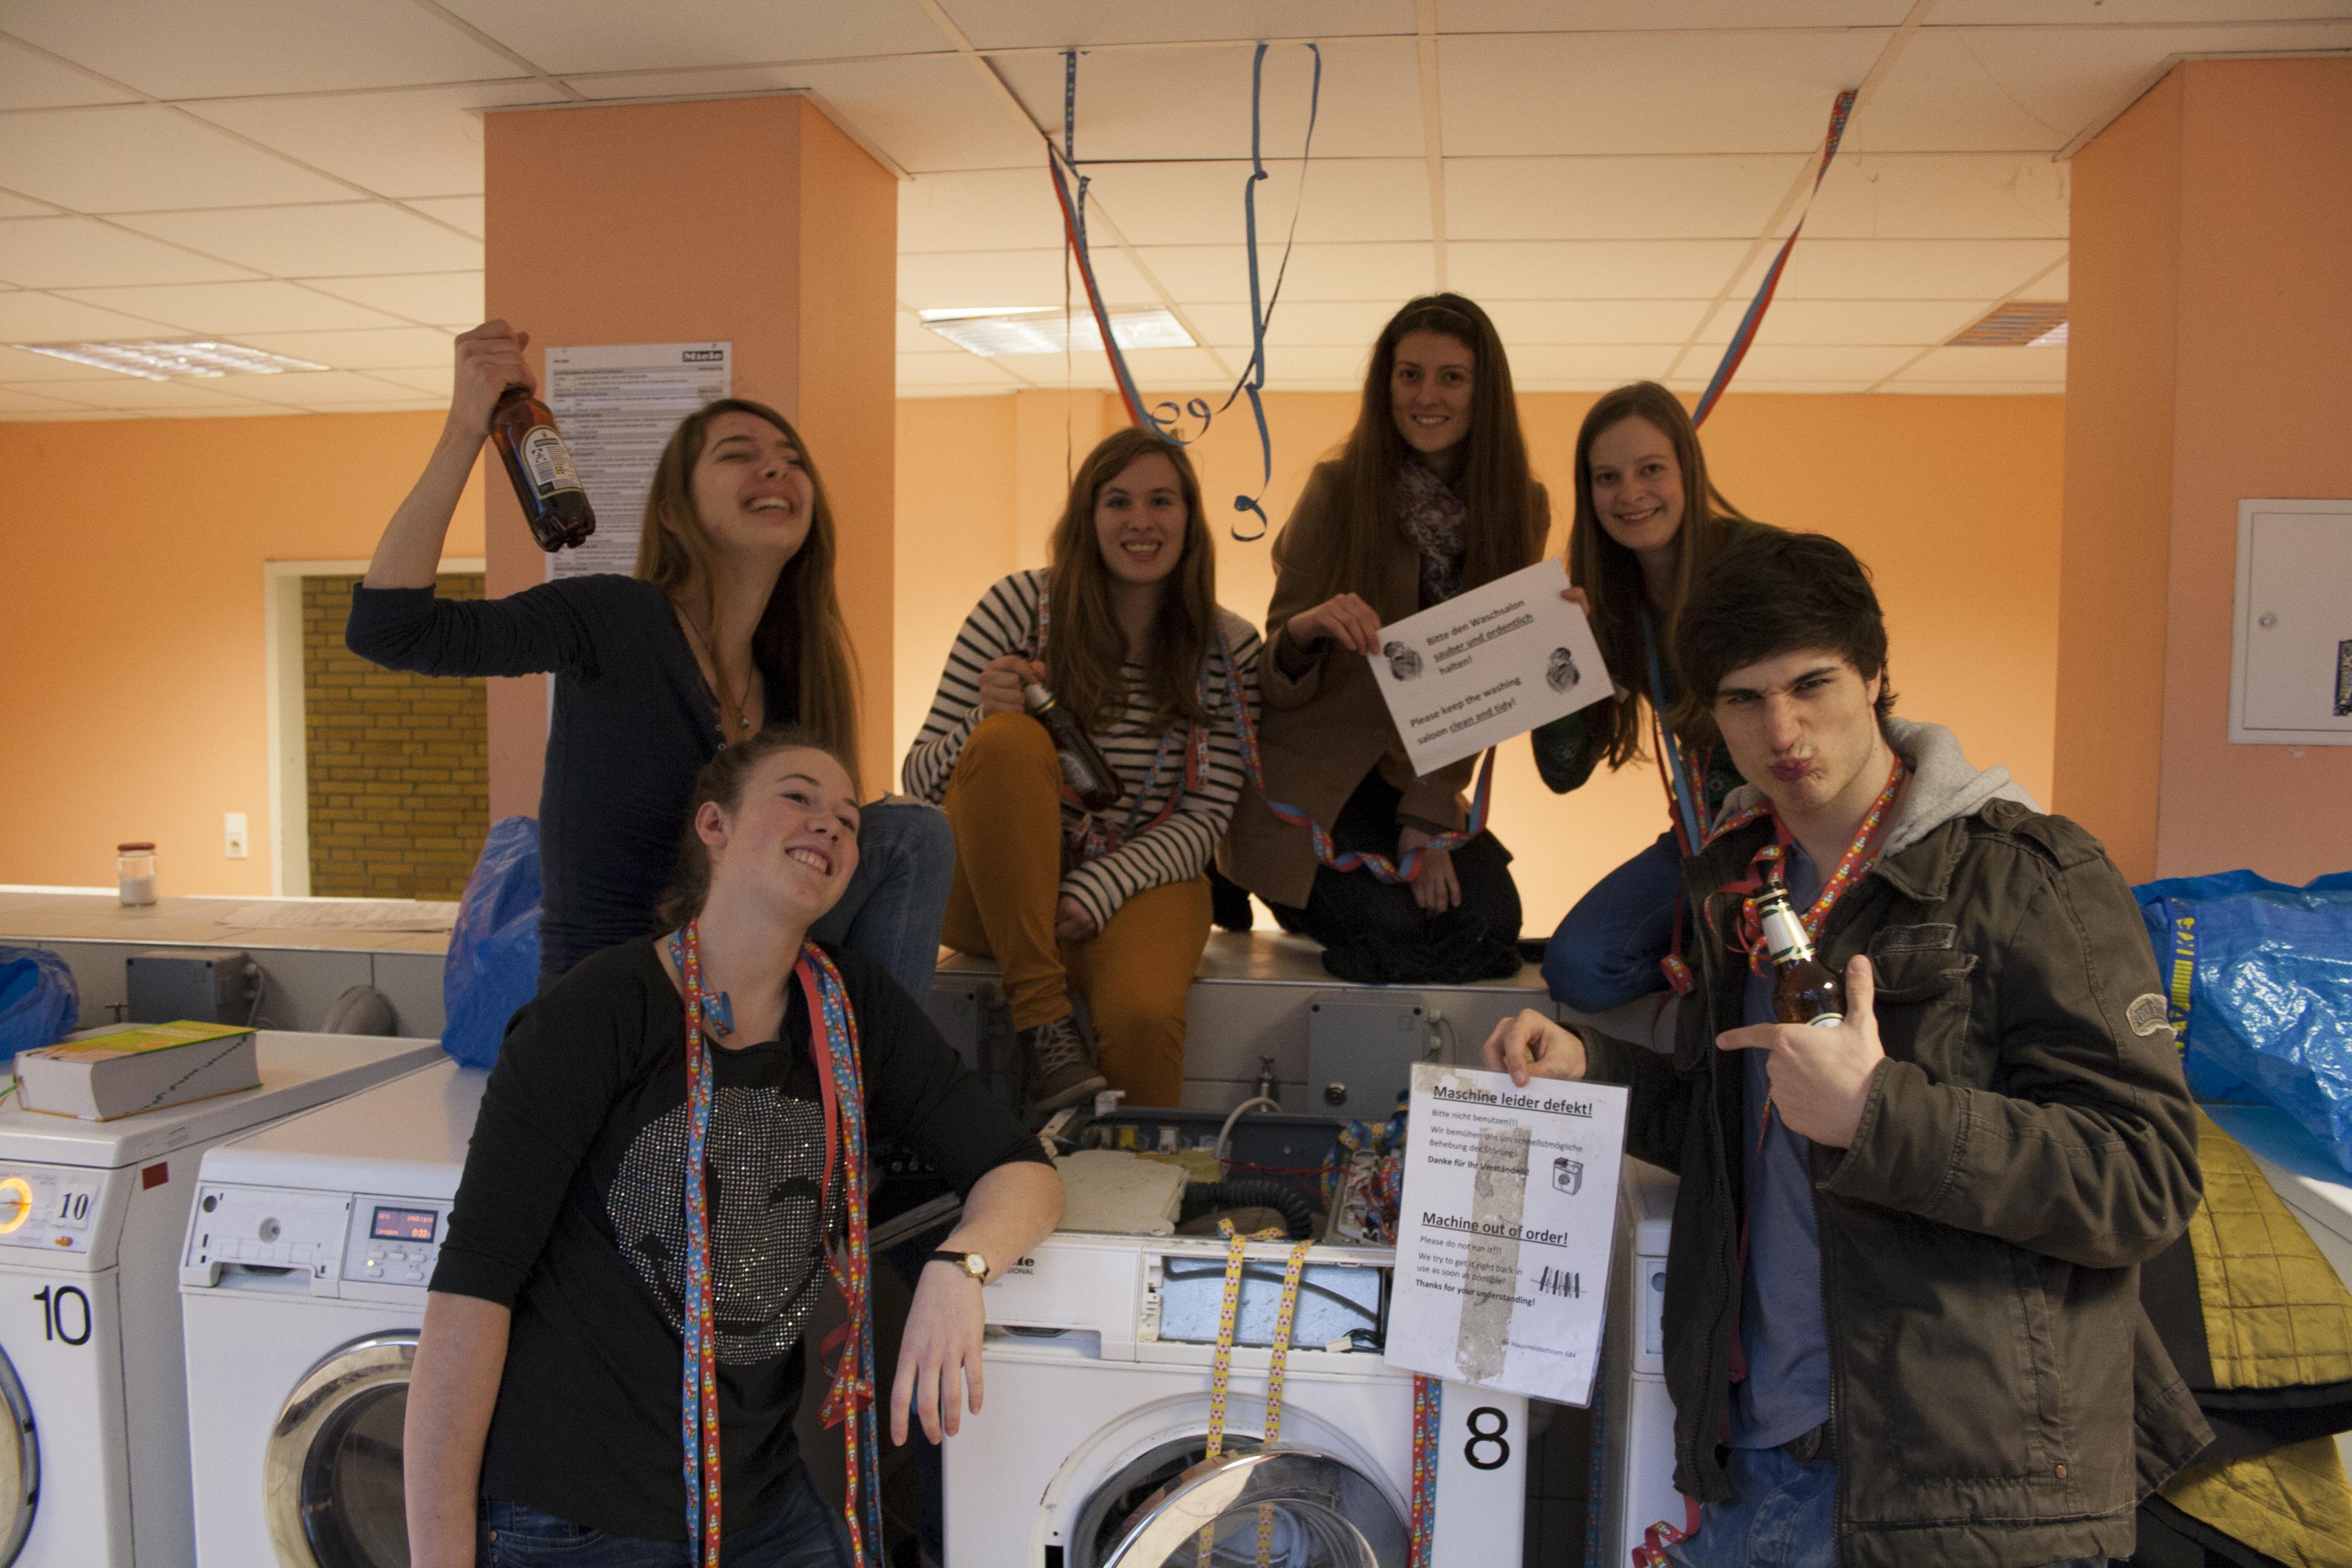 Im Waschsalon trifft man stets Studenten für eine spontane Party. Foto: Frederic Weichel